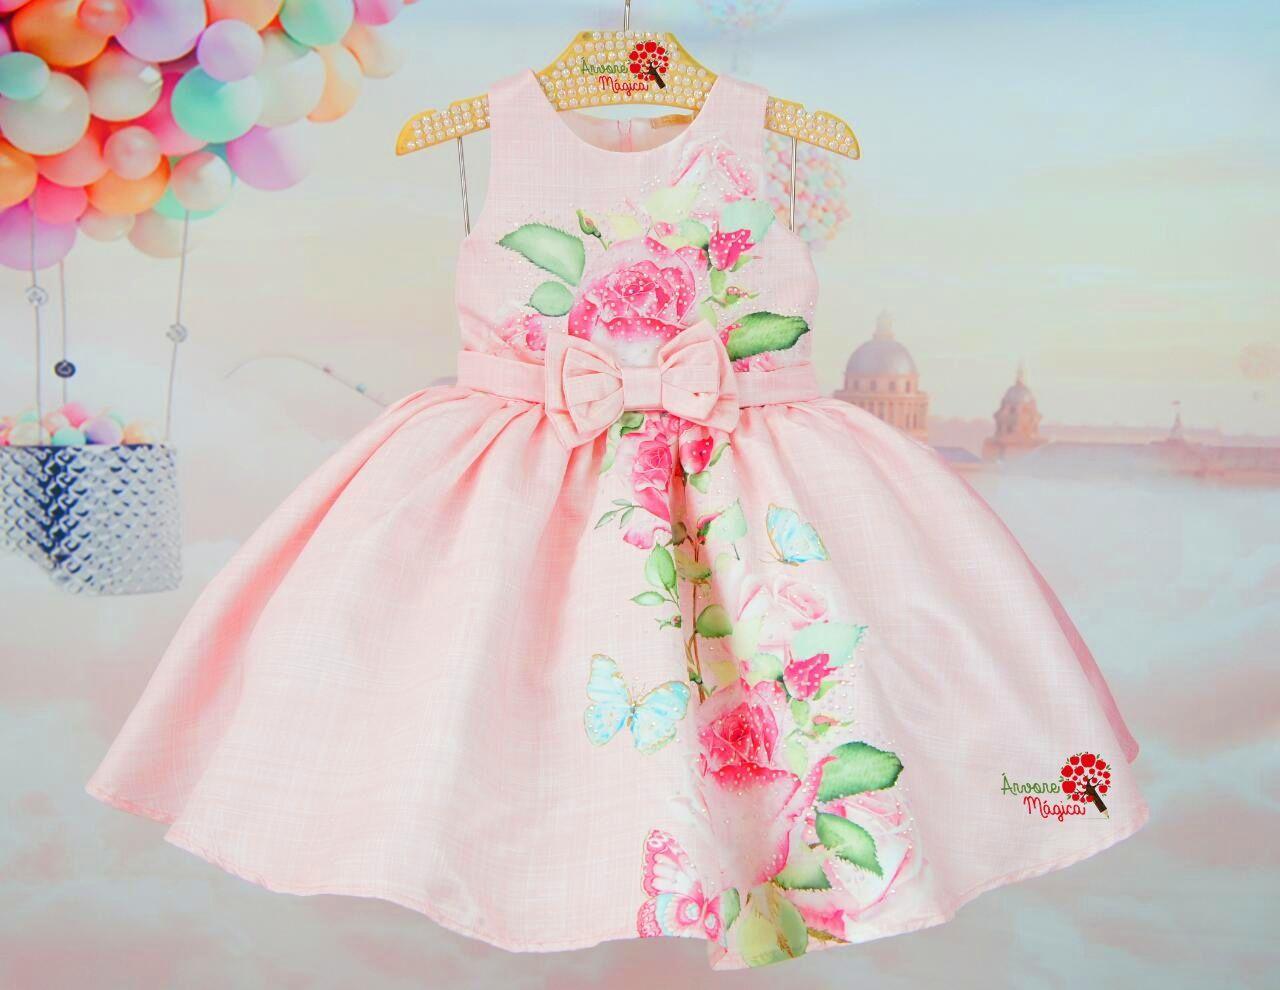 8b2a2d4d2 Árvore Mágica - Vestido de Festa Infantil Rosas Petit Cherie | Baby ...